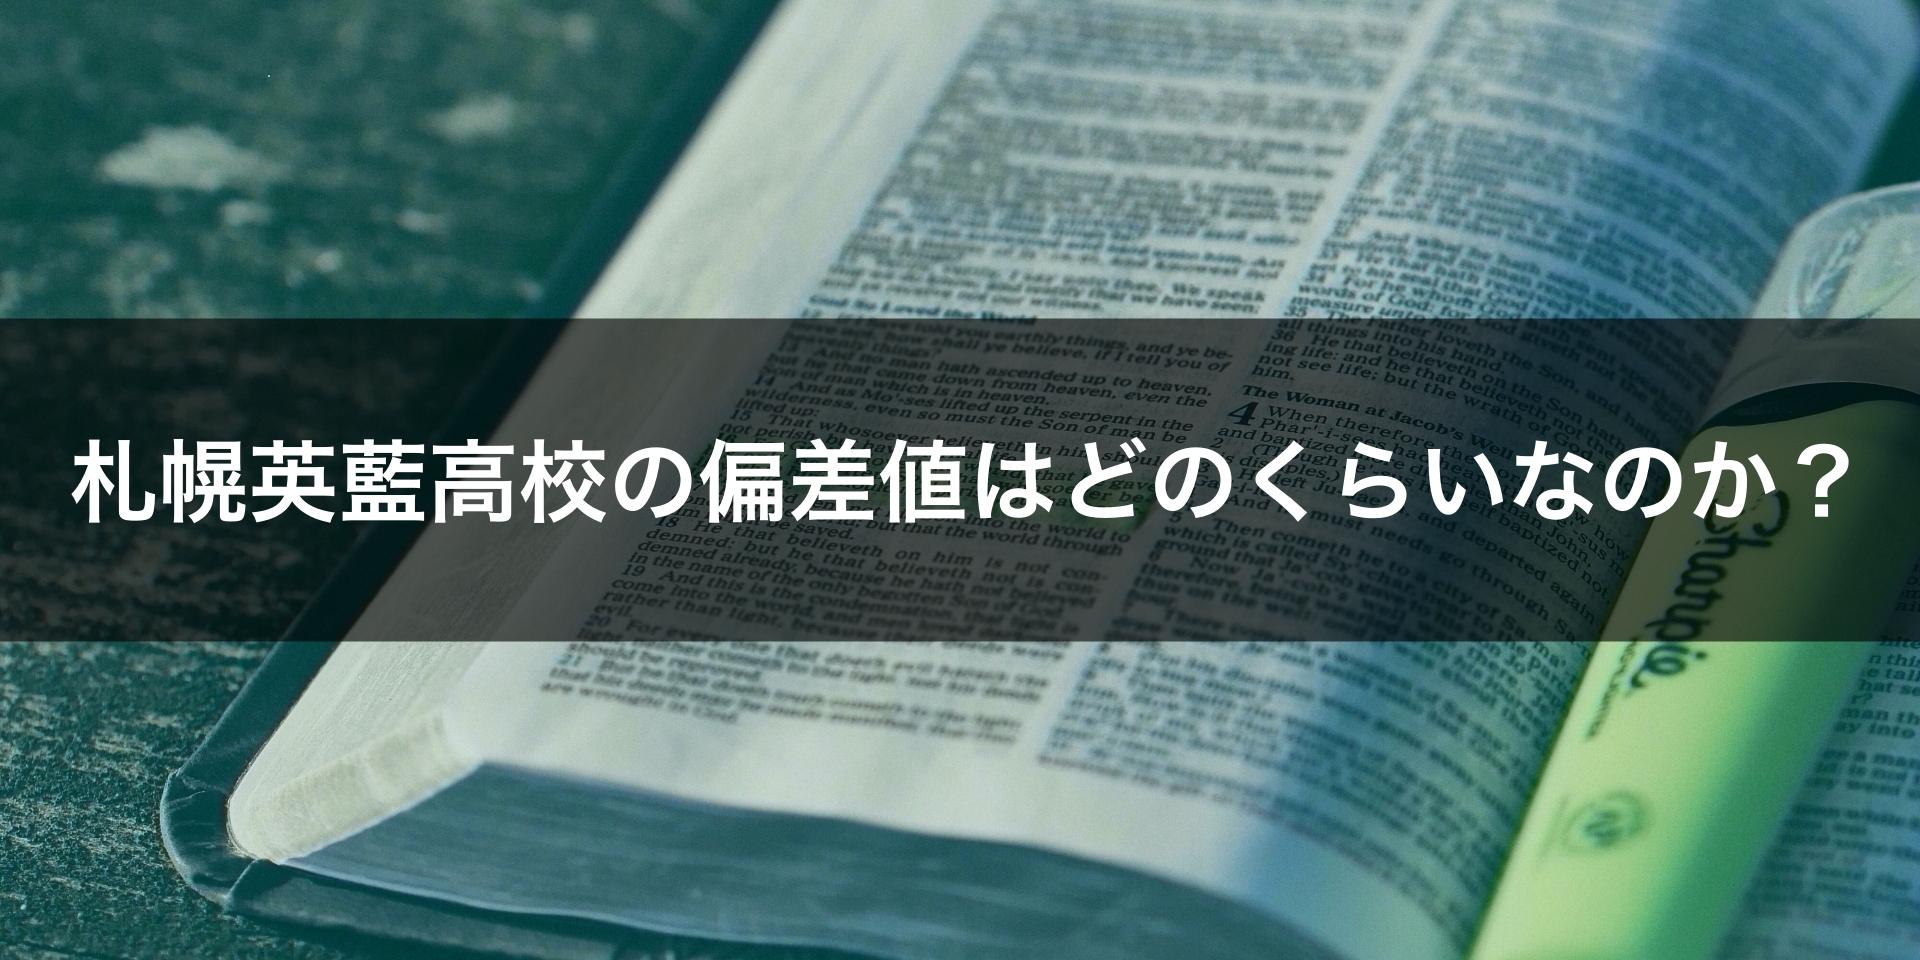 札幌英藍高校の偏差値はどのくらいなのか?